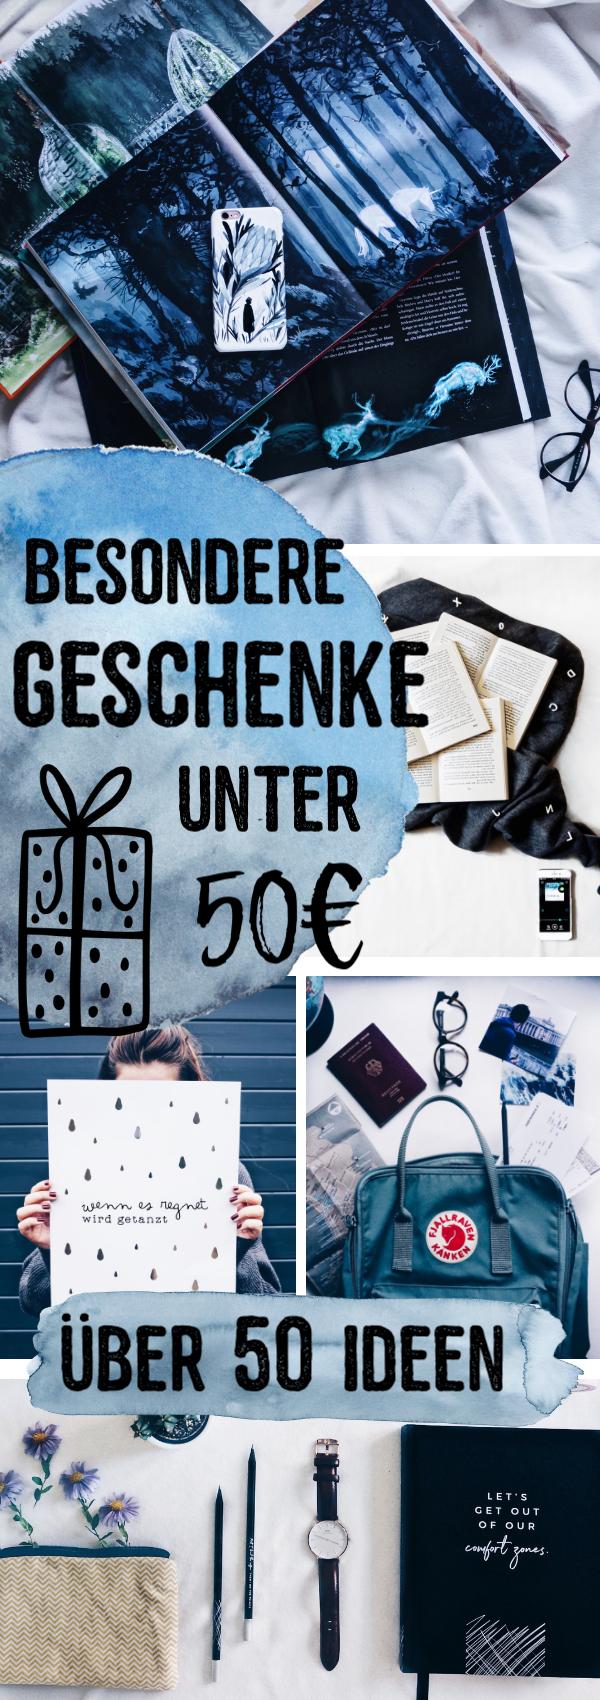 Besondere Geschenke unter 50€ - 50 Ideen für Weihnachten, Geburtstag & mehr #geschenkefürmännergeburtstag